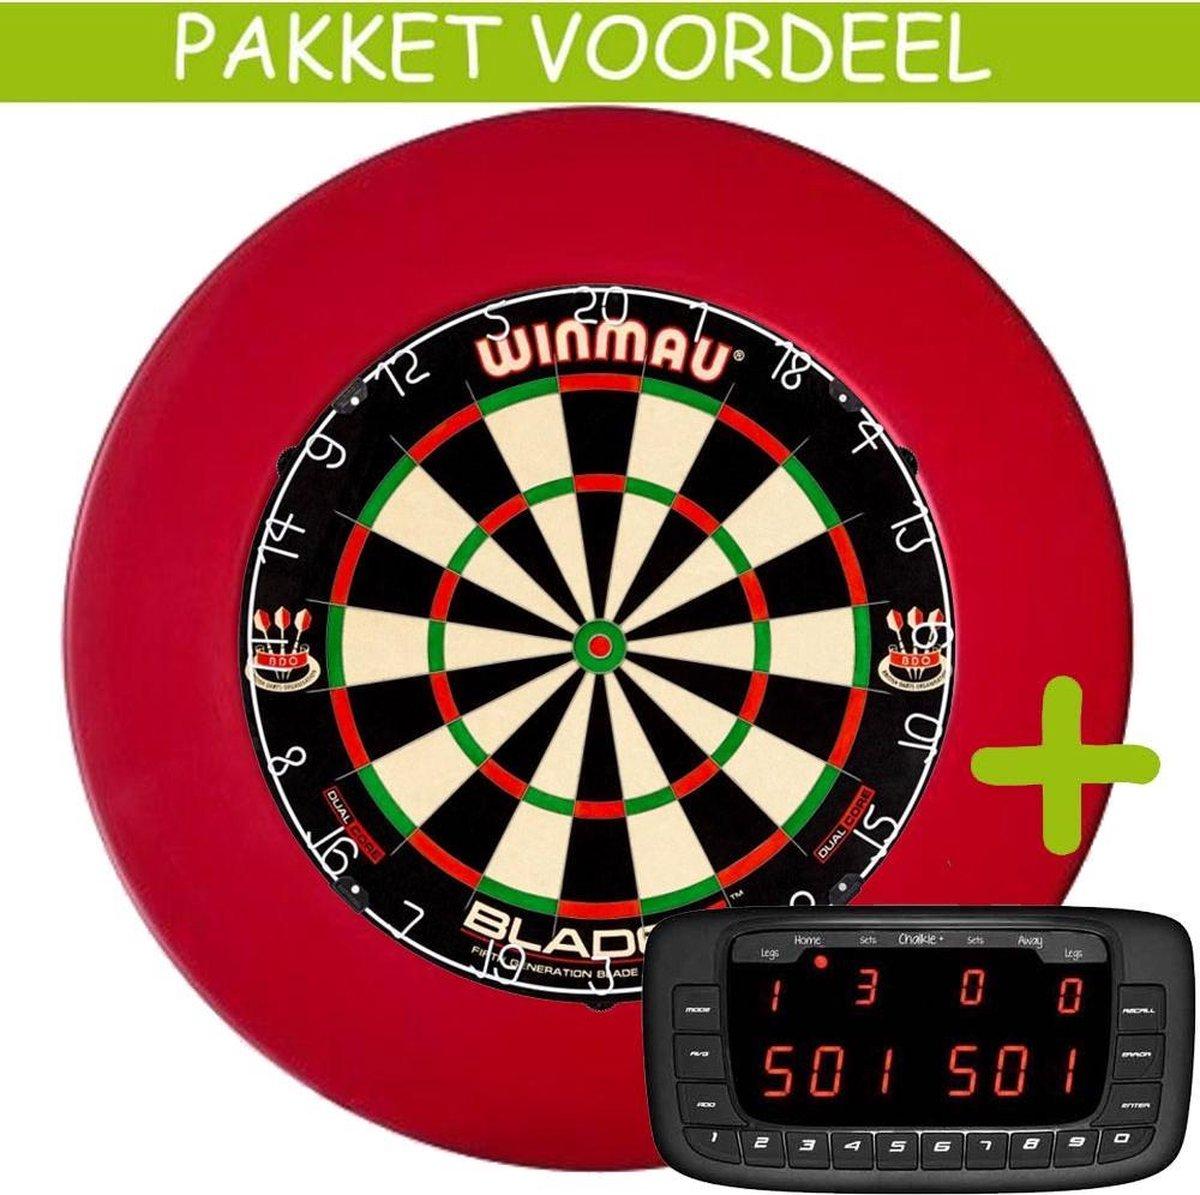 Elektronisch Dart Scorebord VoordeelPakket (Chalkie + ) - Dual Core - Rubberen Surround (Rood)